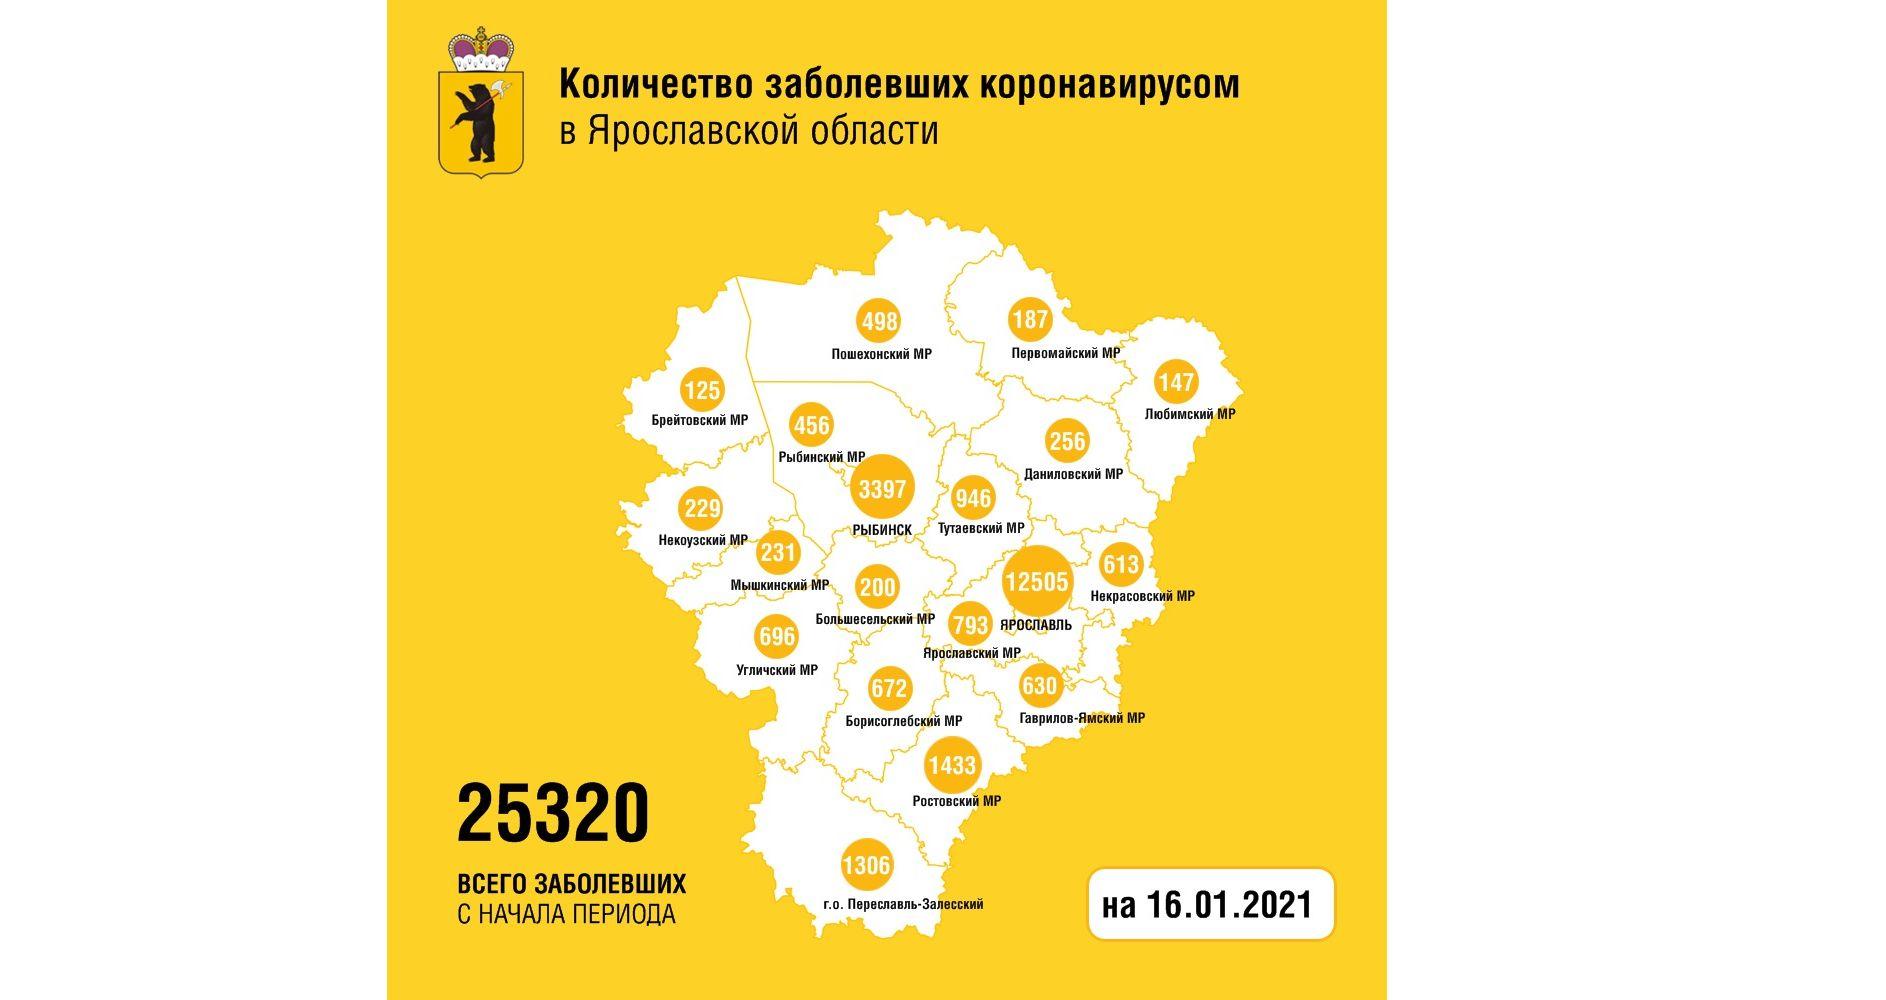 В Ярославской области еще 190 человек заболели коронавирусом, скончались три женщины